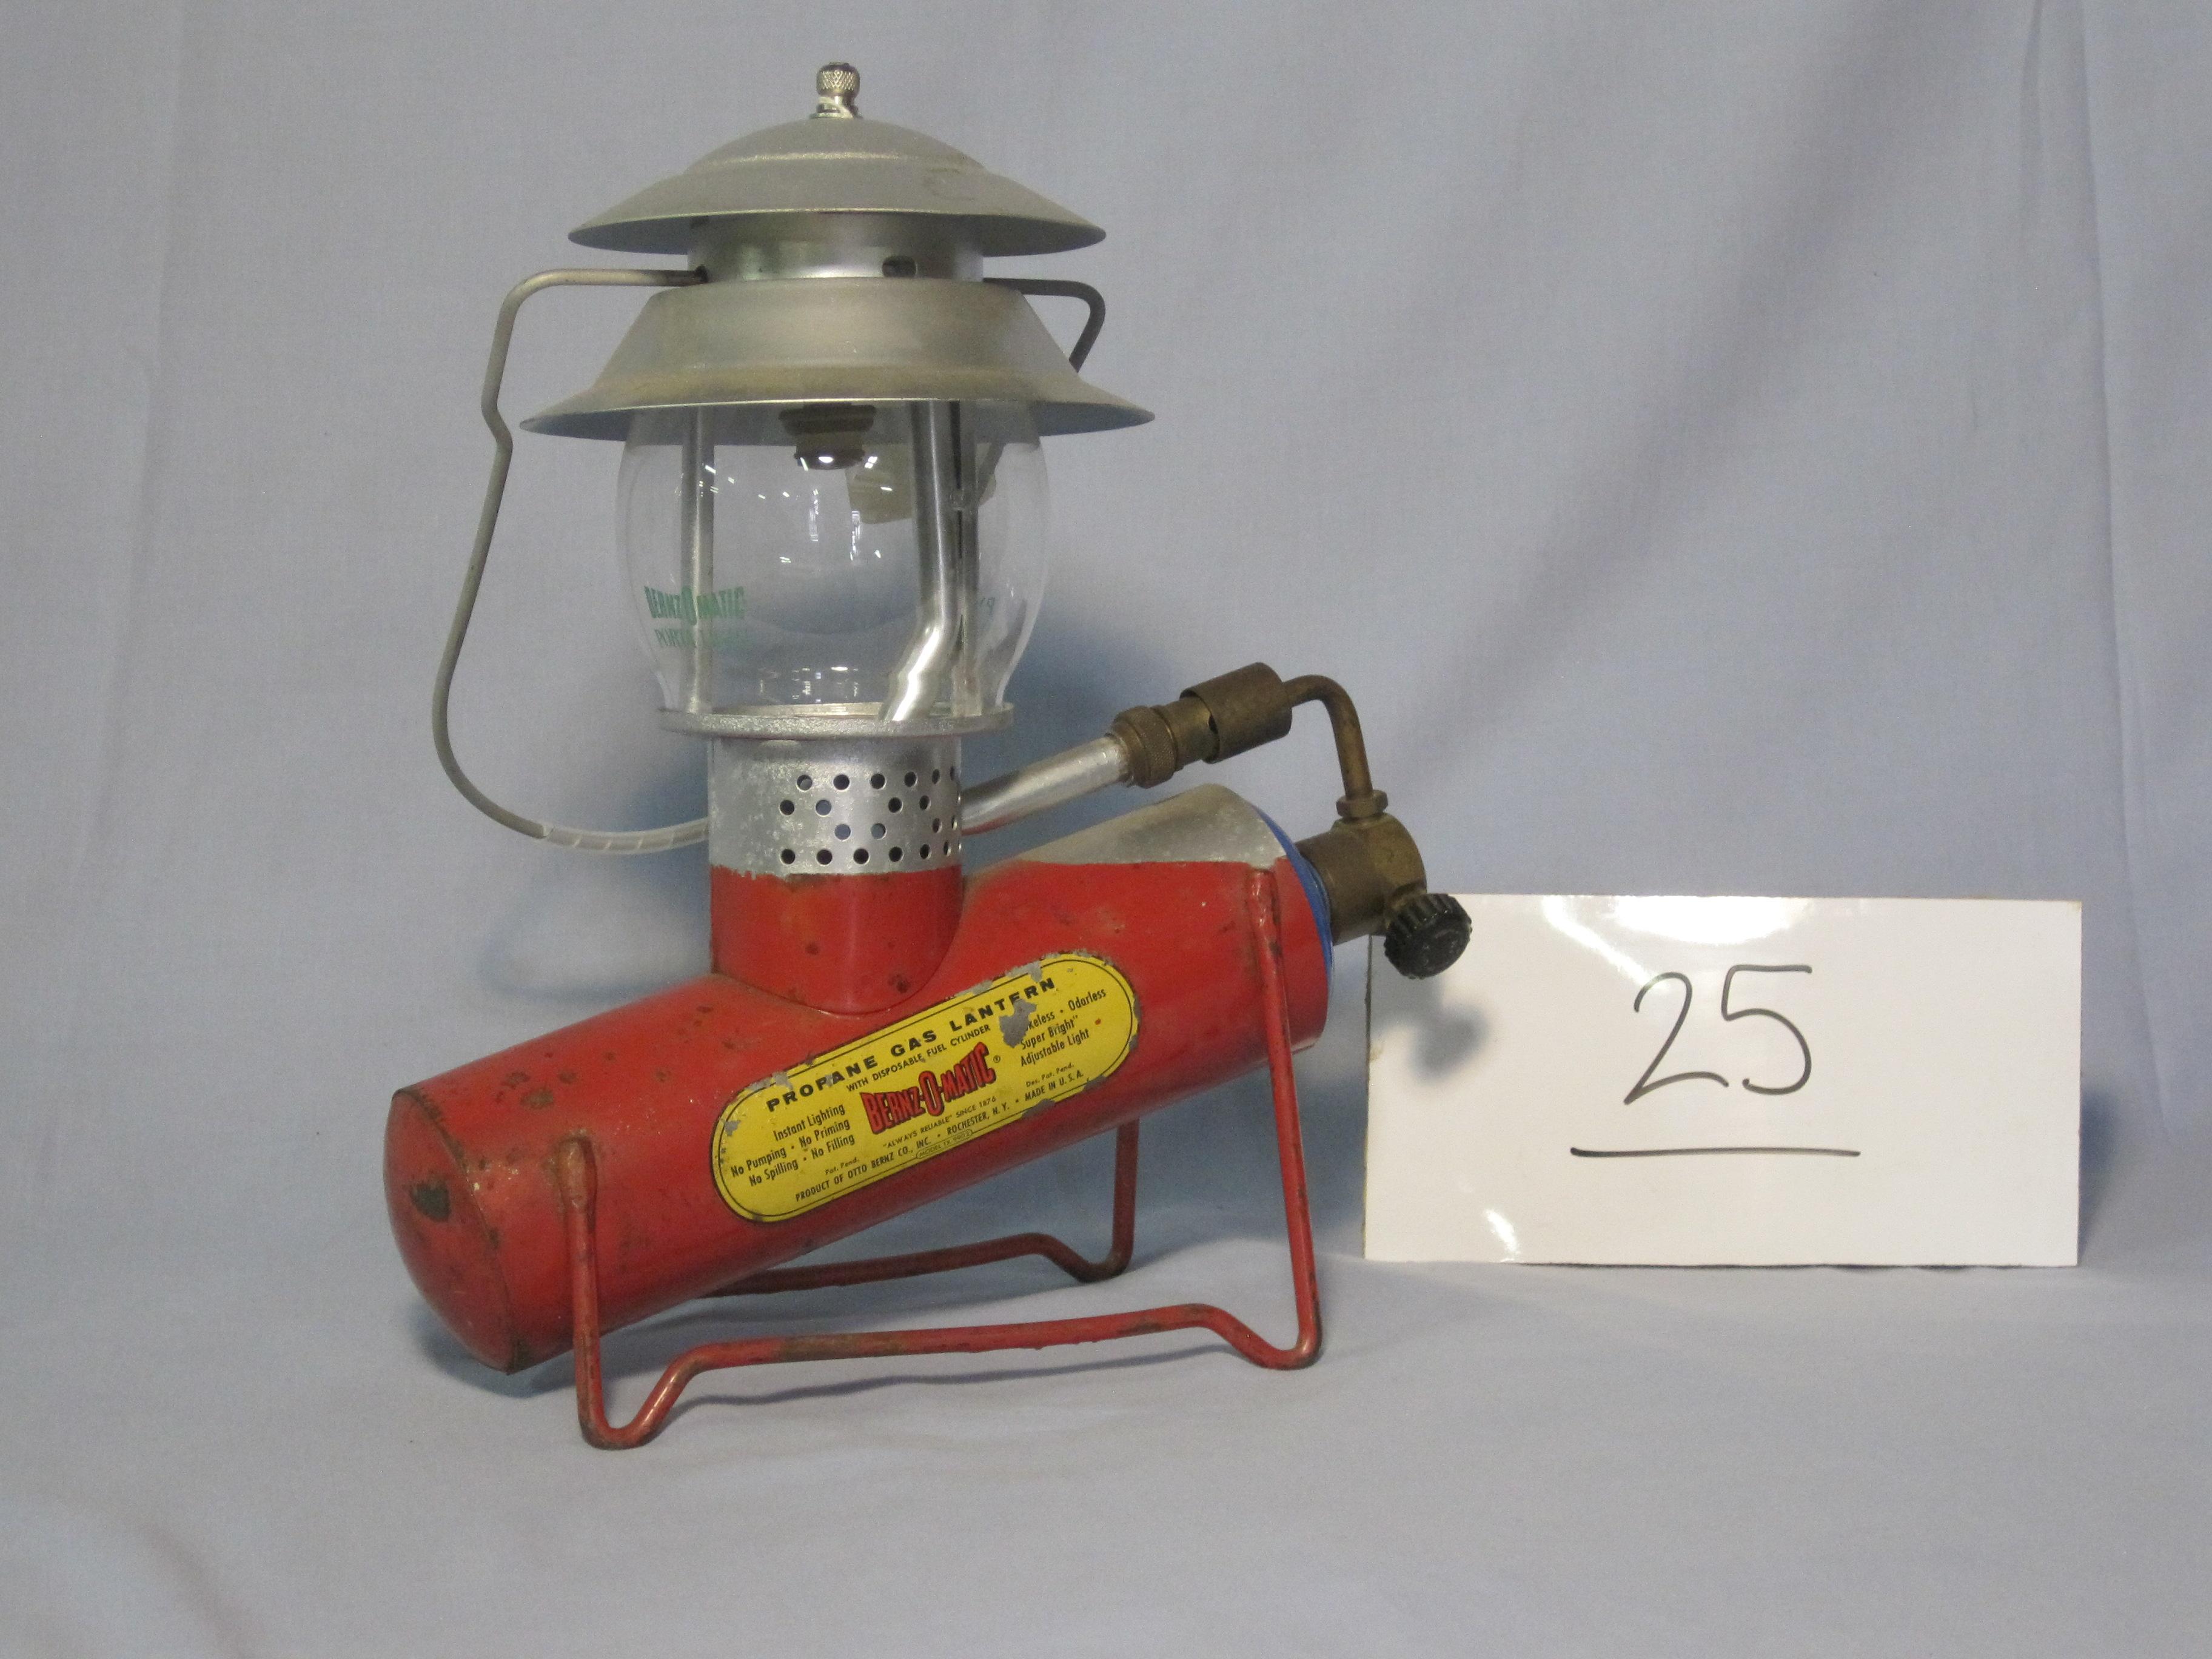 Bernz-O-Matic Lp Lantern